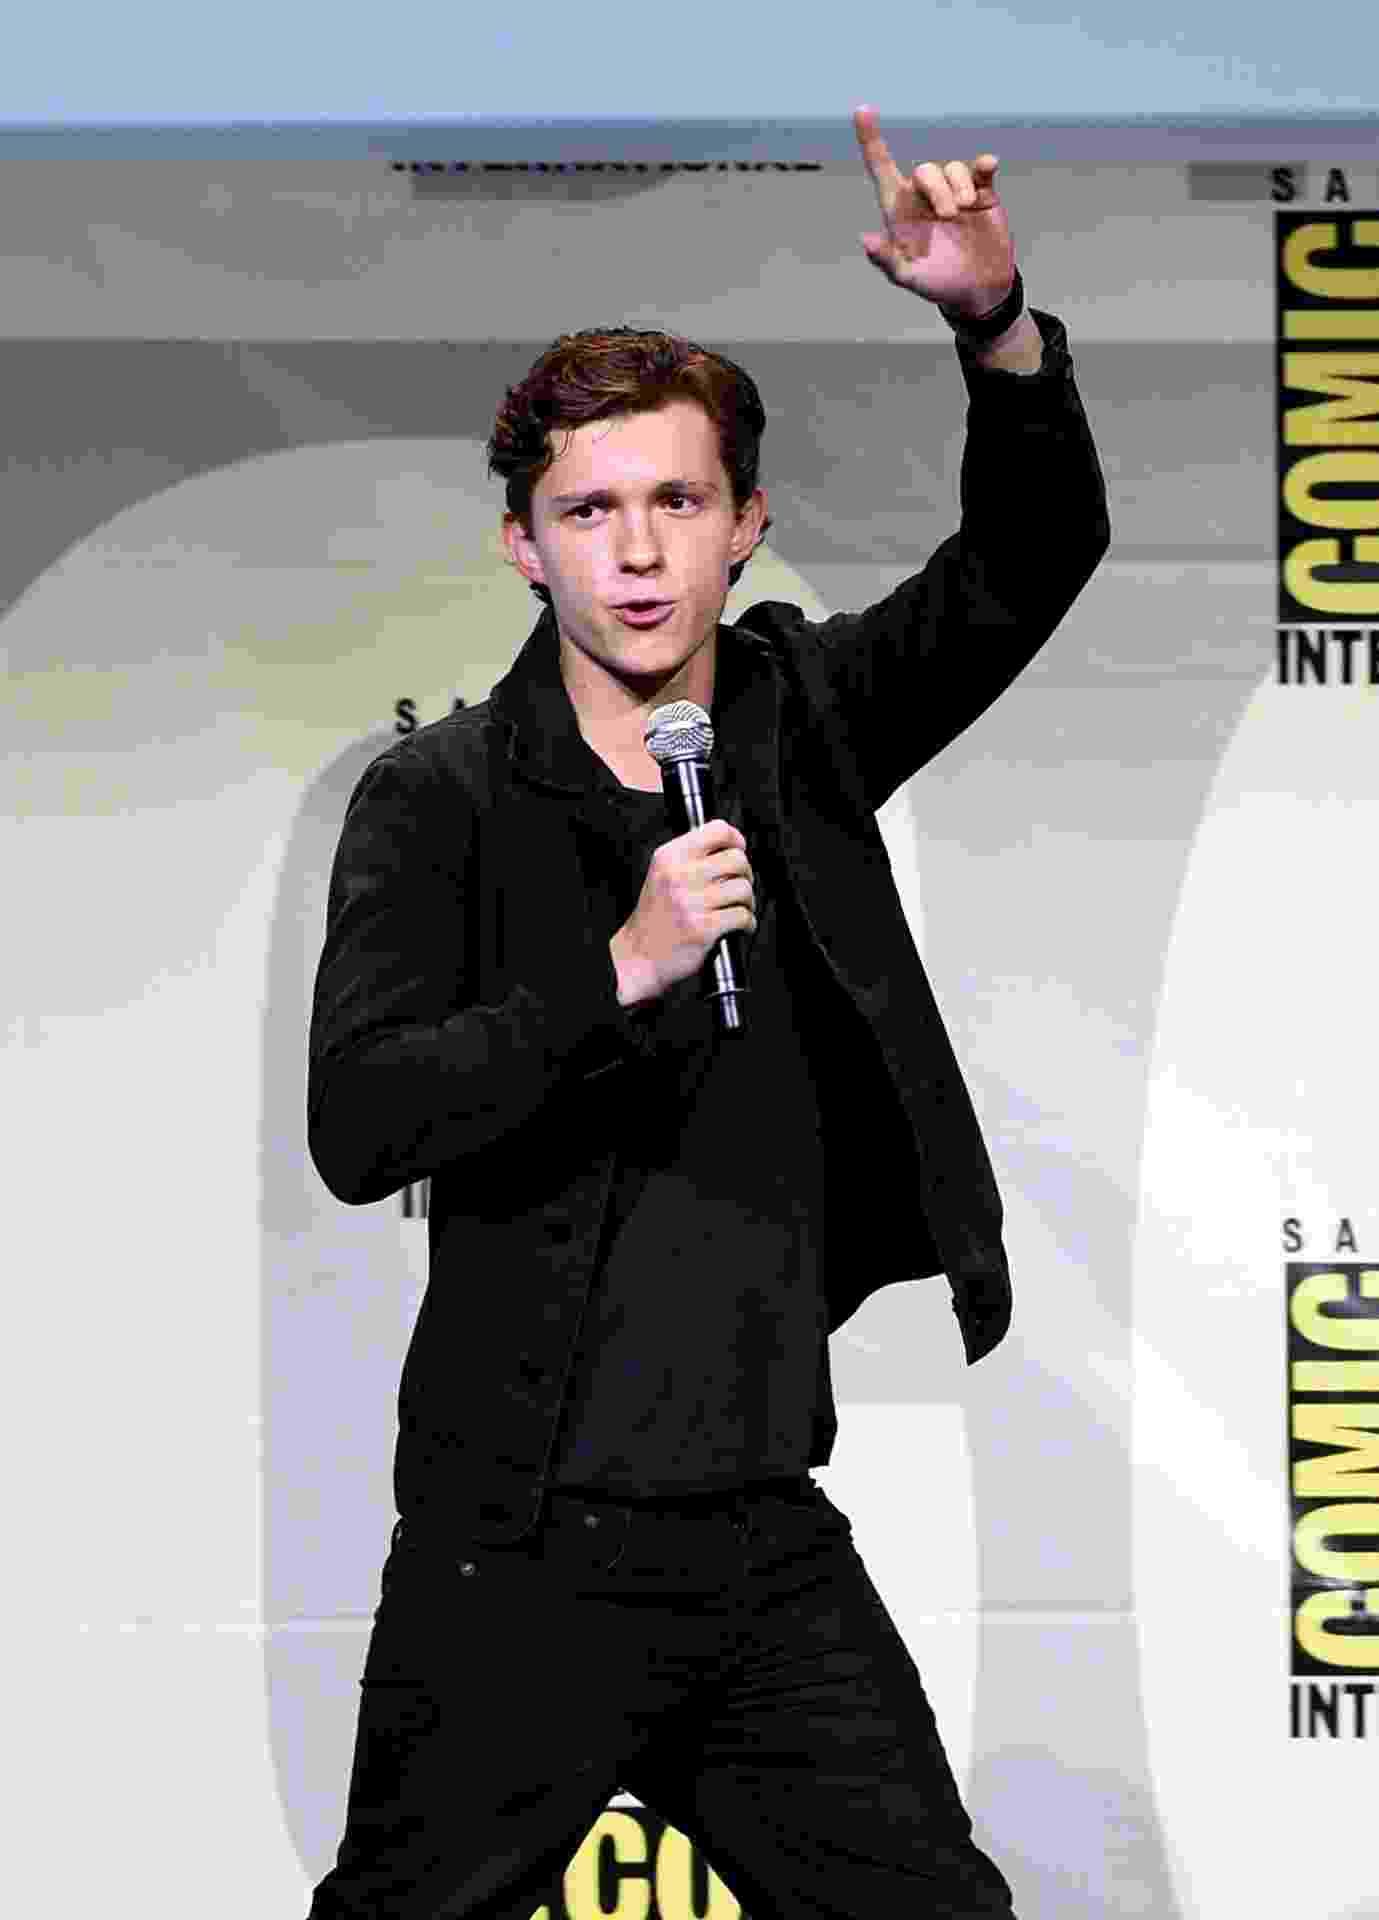 23.jul.2016 - Tom Holland, o novo Homem-Aranha, participa de painel de filme, um dos mais comemorados do terceiro dia da San Diego Comic-Con - Kevin Winter/Getty Images/AFP